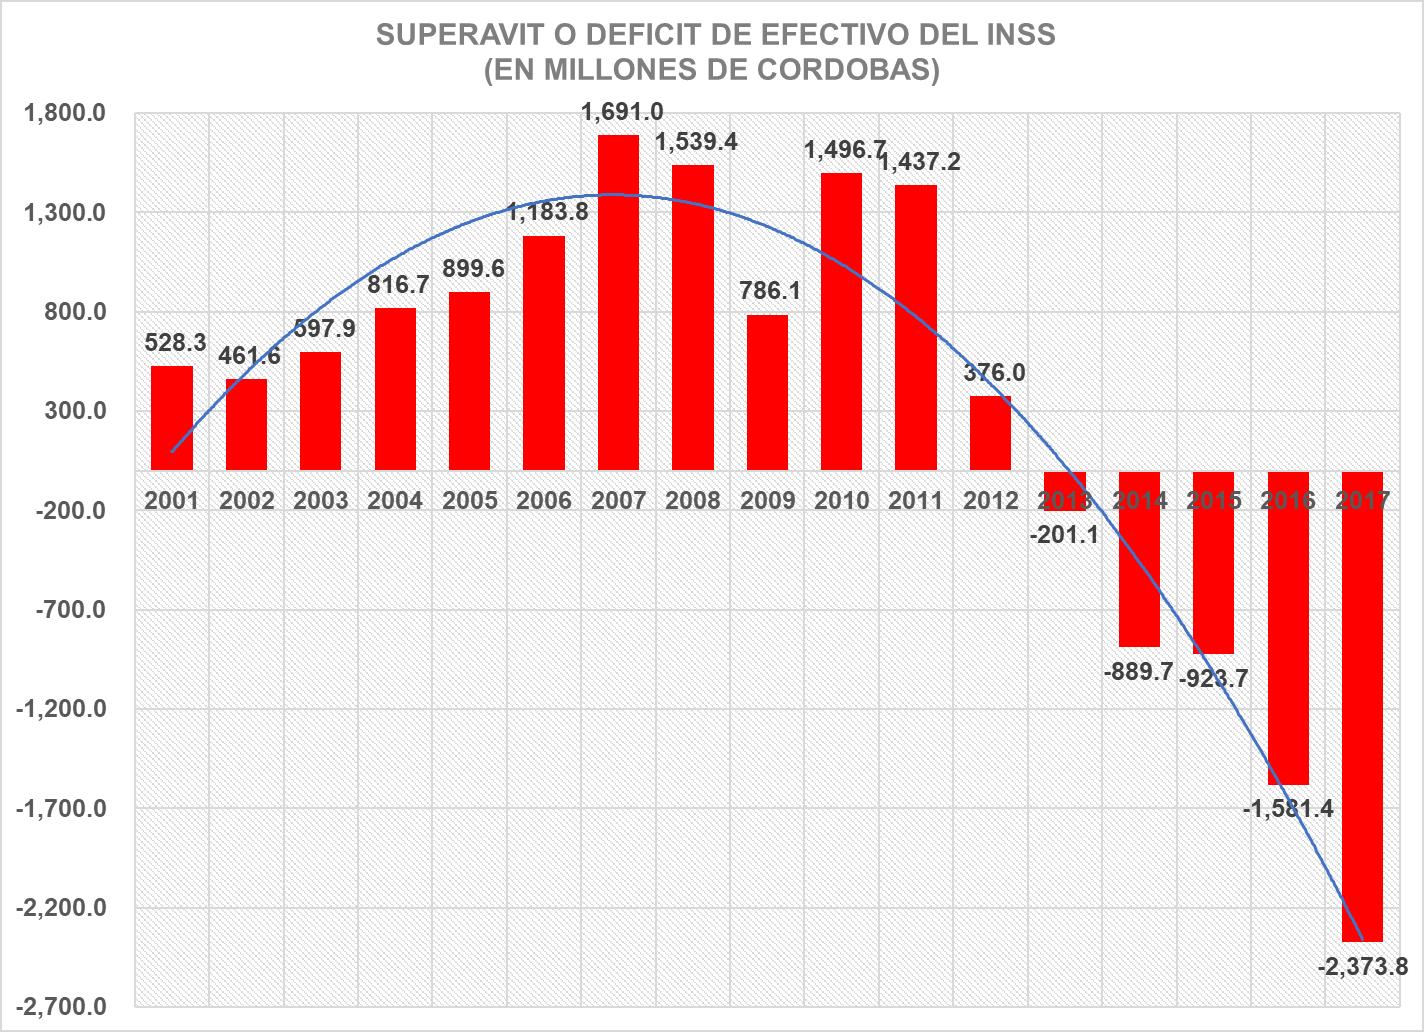 Estadísticas de la situación financiera del INSS. Gráfico: Adolfo Acevedo